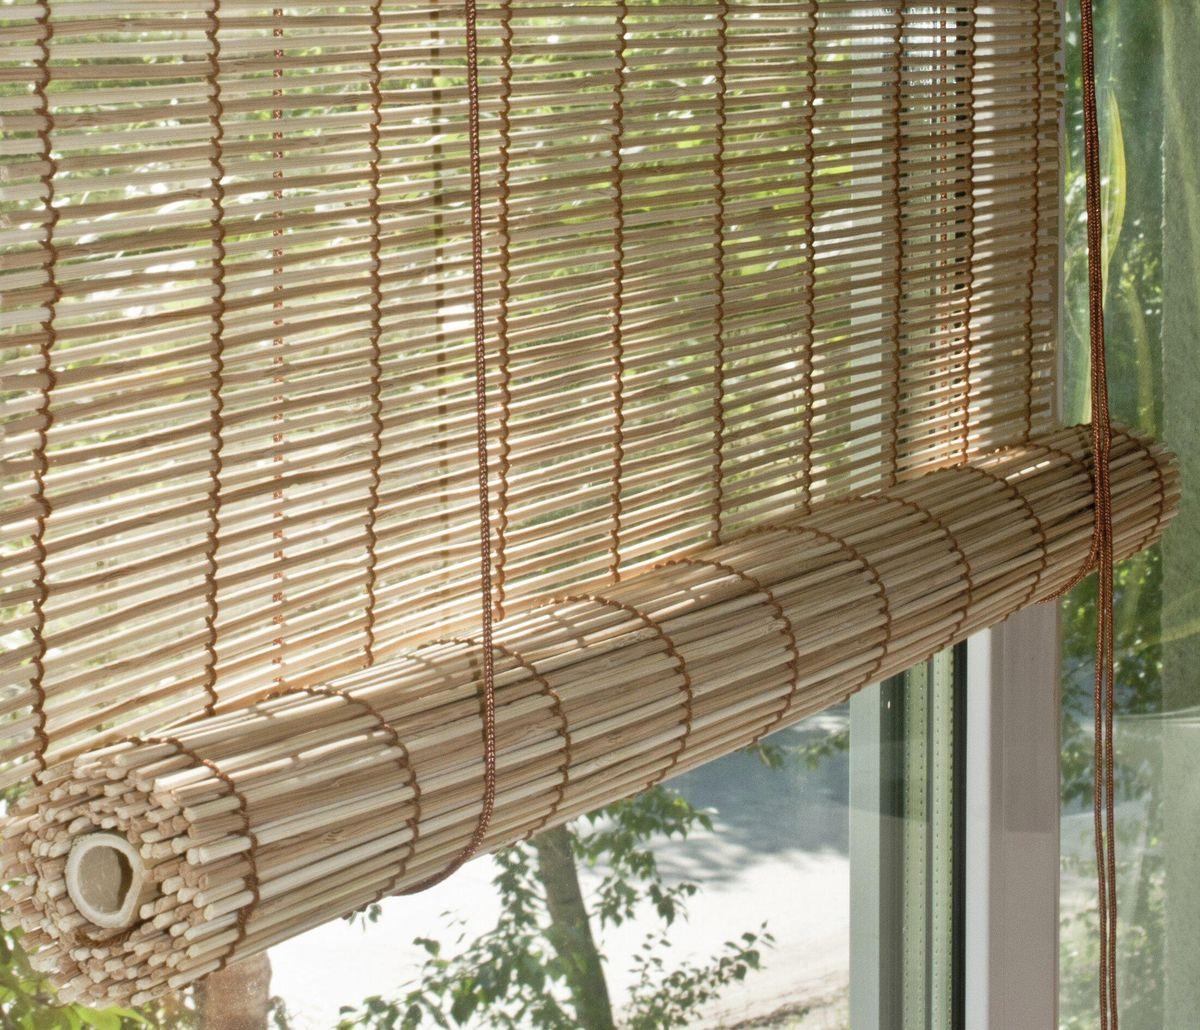 Штора рулонная Эскар Бамбук, цвет: натуральный микс, ширина 160 см, высота 160 см71909160180При оформлении интерьера современных помещений многие отдают предпочтение природным материалам. Штора рулонная Эскар Бамбук – одно из натуральных изделий, способное сделать атмосферу помещения более уютной и в то же время необычной.Свойства бамбука уникальны: он экологически чист, так как быстро вырастает, благодаря чему не успевает накопить вредные вещества из окружающей среды. Кроме того, растение обладает противомикробным и антибактериальным действием. Занавеси из бамбука безопасно использовать в помещениях, где находятся новорожденные дети и люди, склонные к аллергии. Они незаменимы для тех, кто заботится о своем здоровье и уделяет внимание высокому уровню жизни.